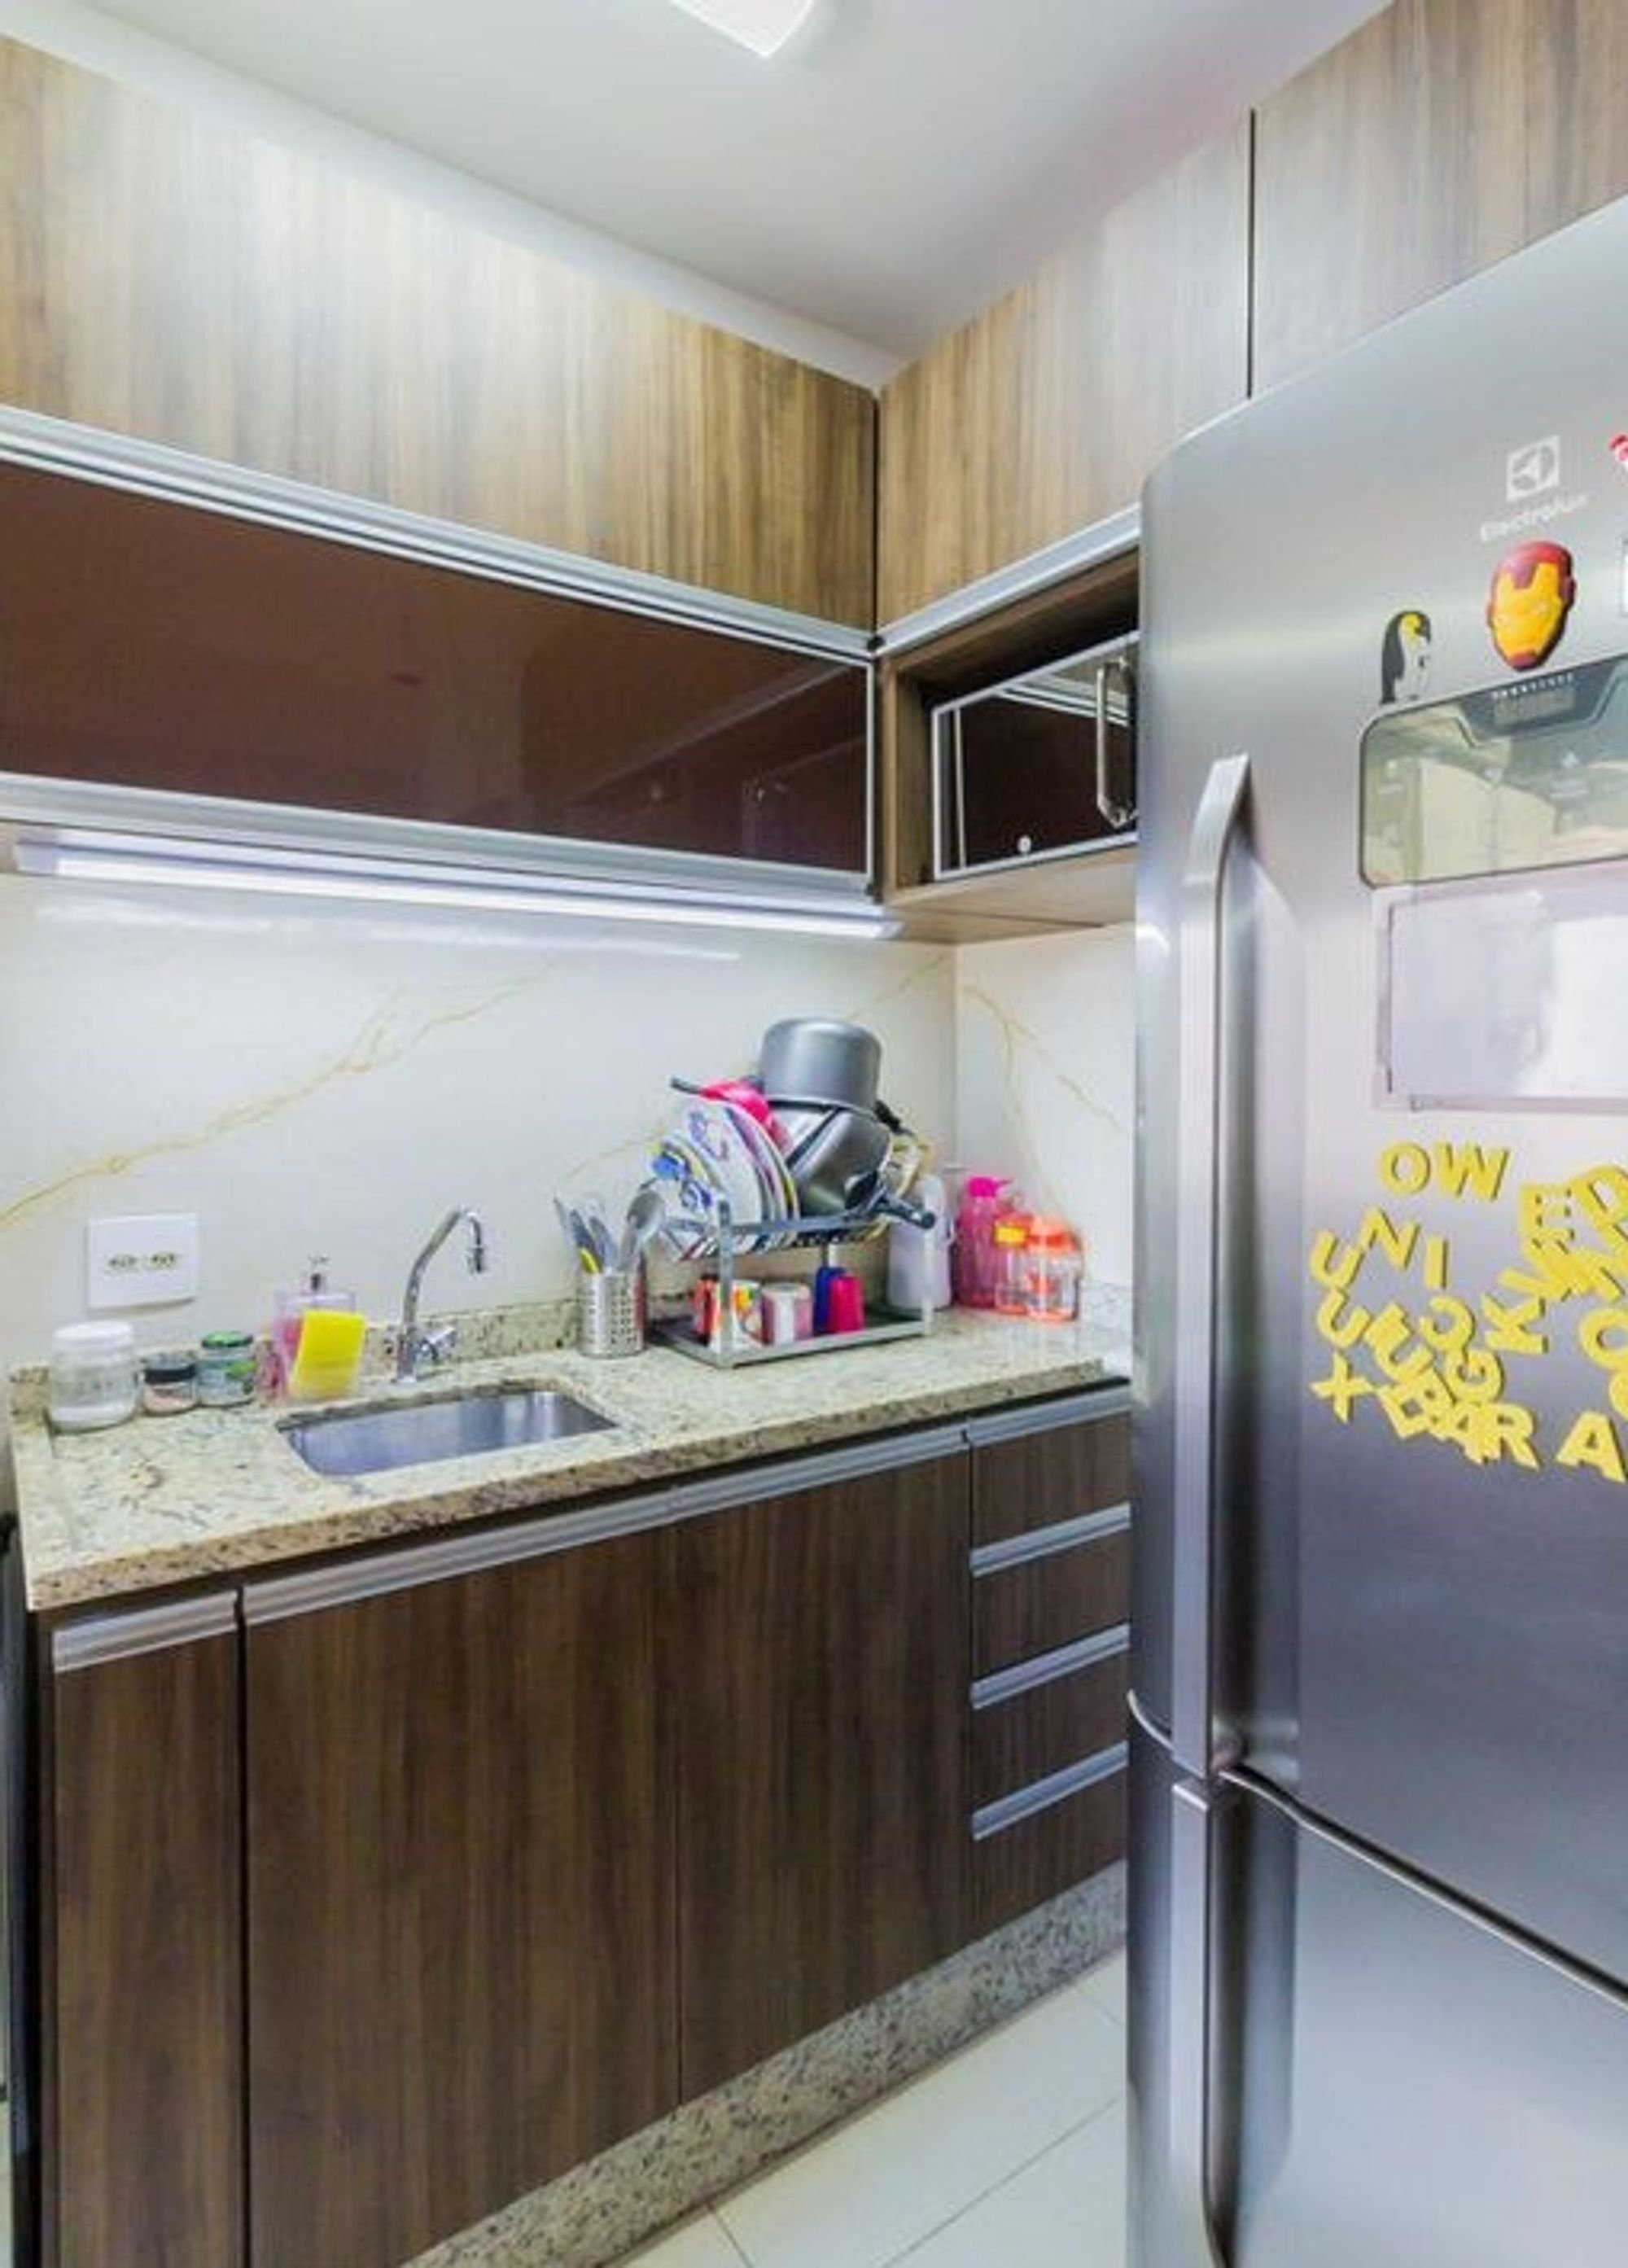 Foto de Cozinha com geladeira, pia